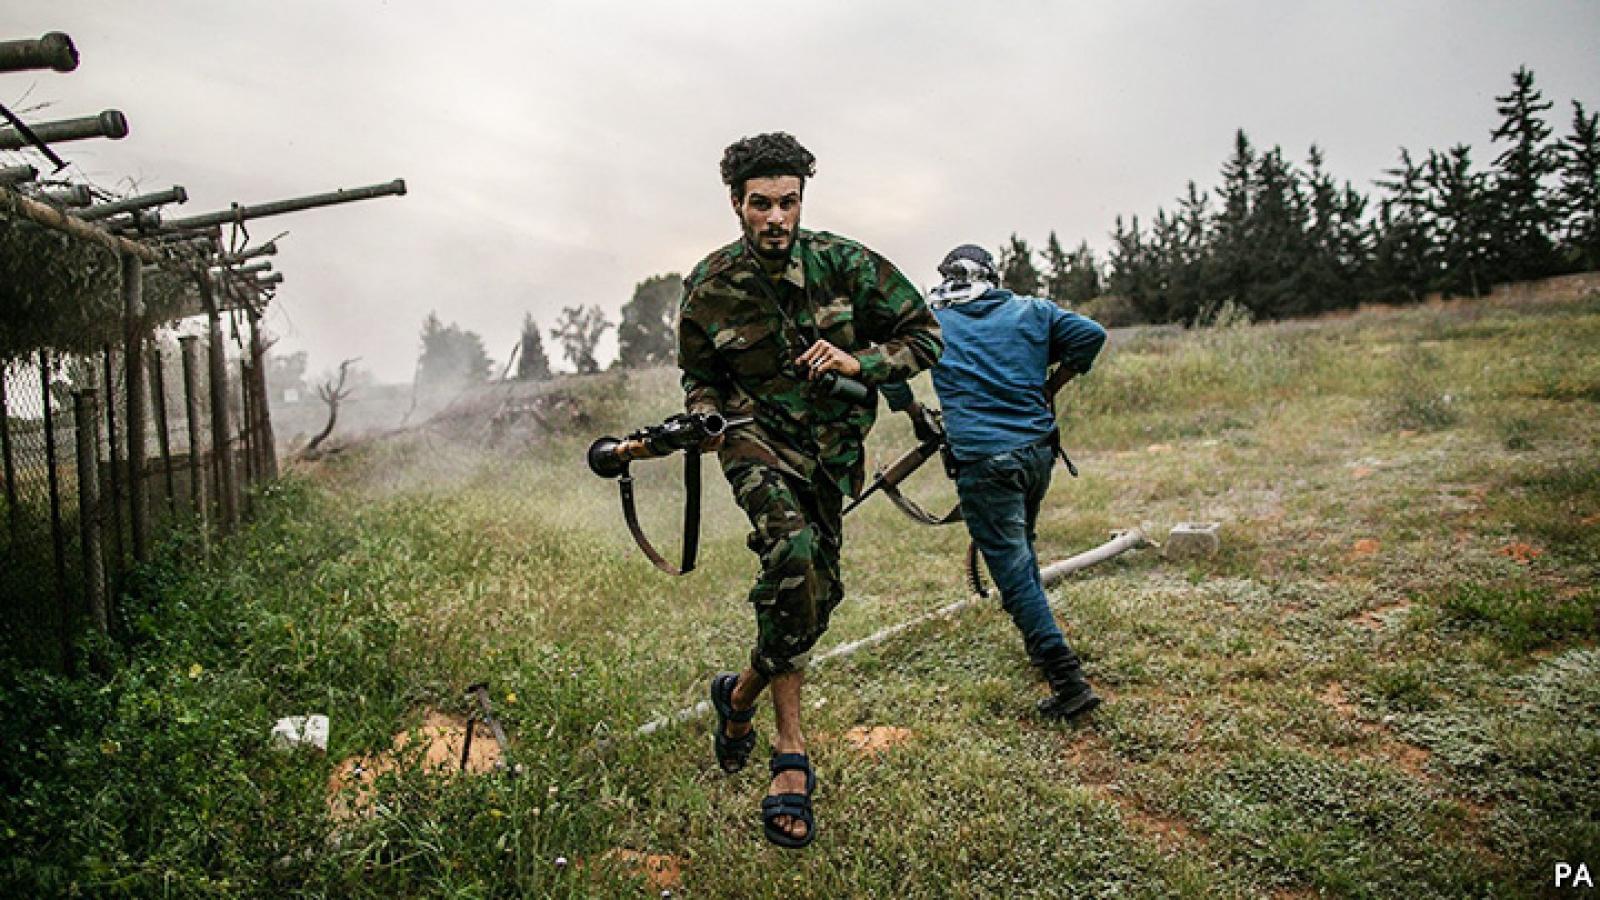 """Dấu mốc 10 năm NATO can dự vào Libya và sự rút lui trong """"ngổn ngang, chia rẽ"""""""